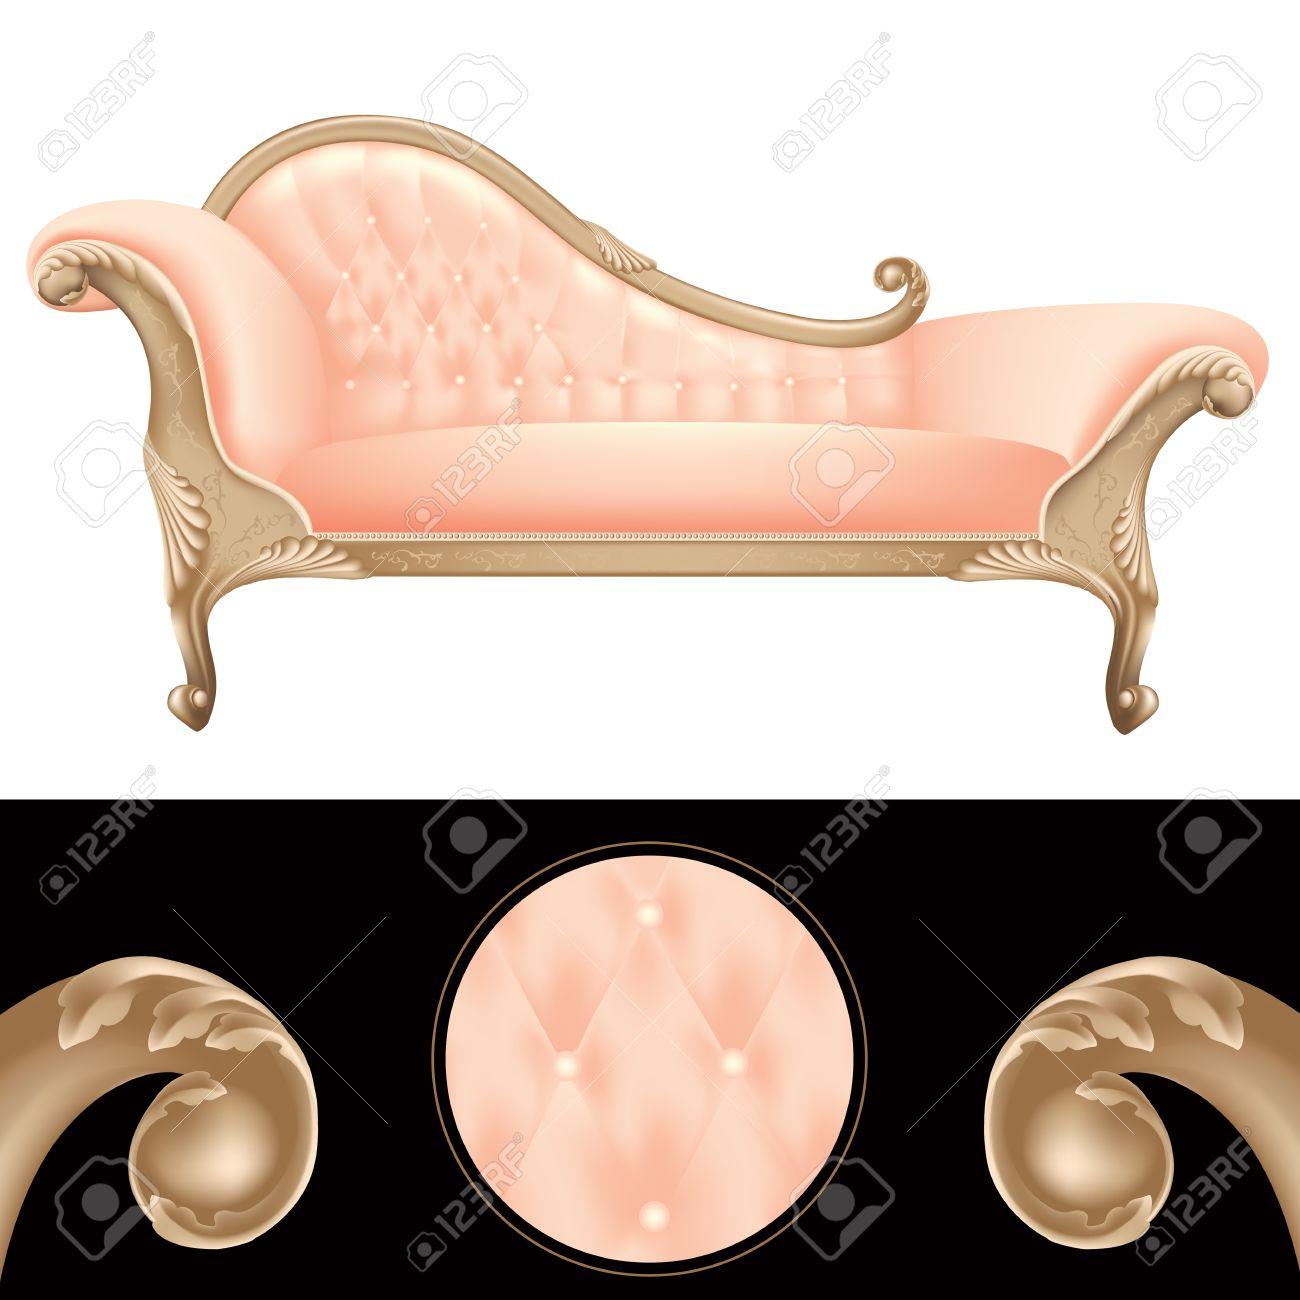 Empty Pink And Golden Vintage Sofa, Luxury Furniture Background,  Illustration Frame For Glamor,